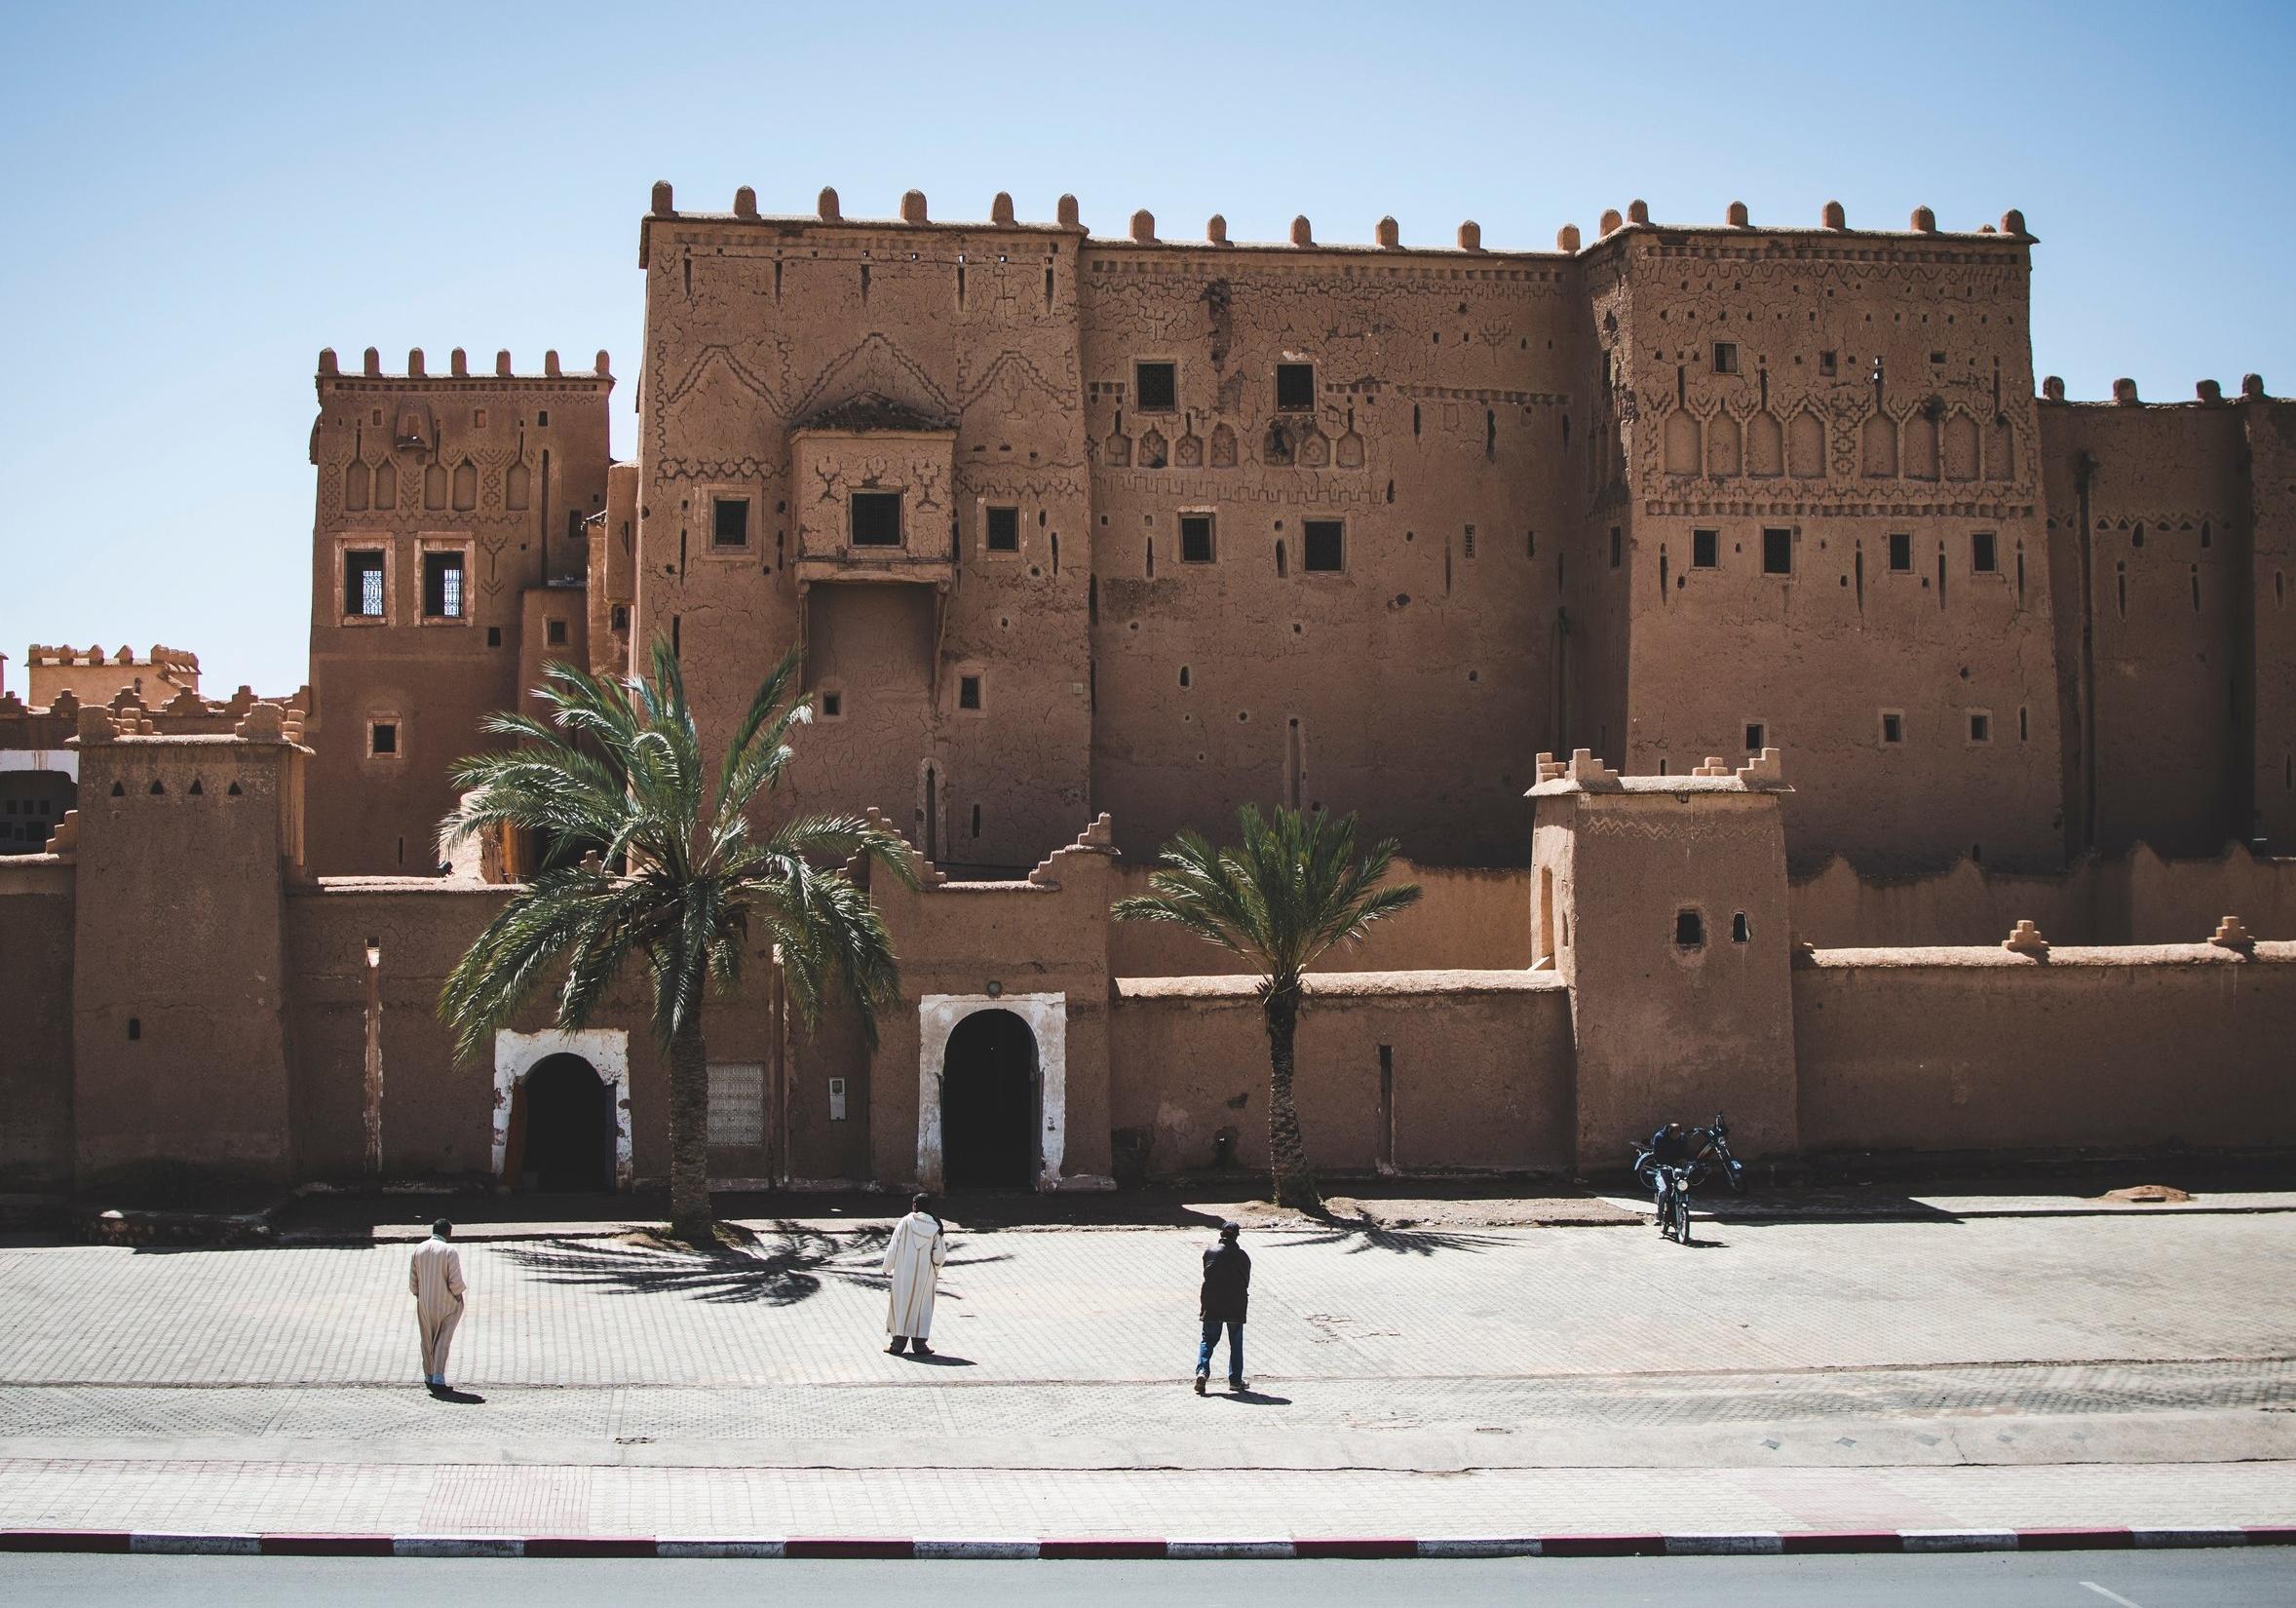 ancient-architecture-building-943510_nicolas postiglioni pexel.jpg